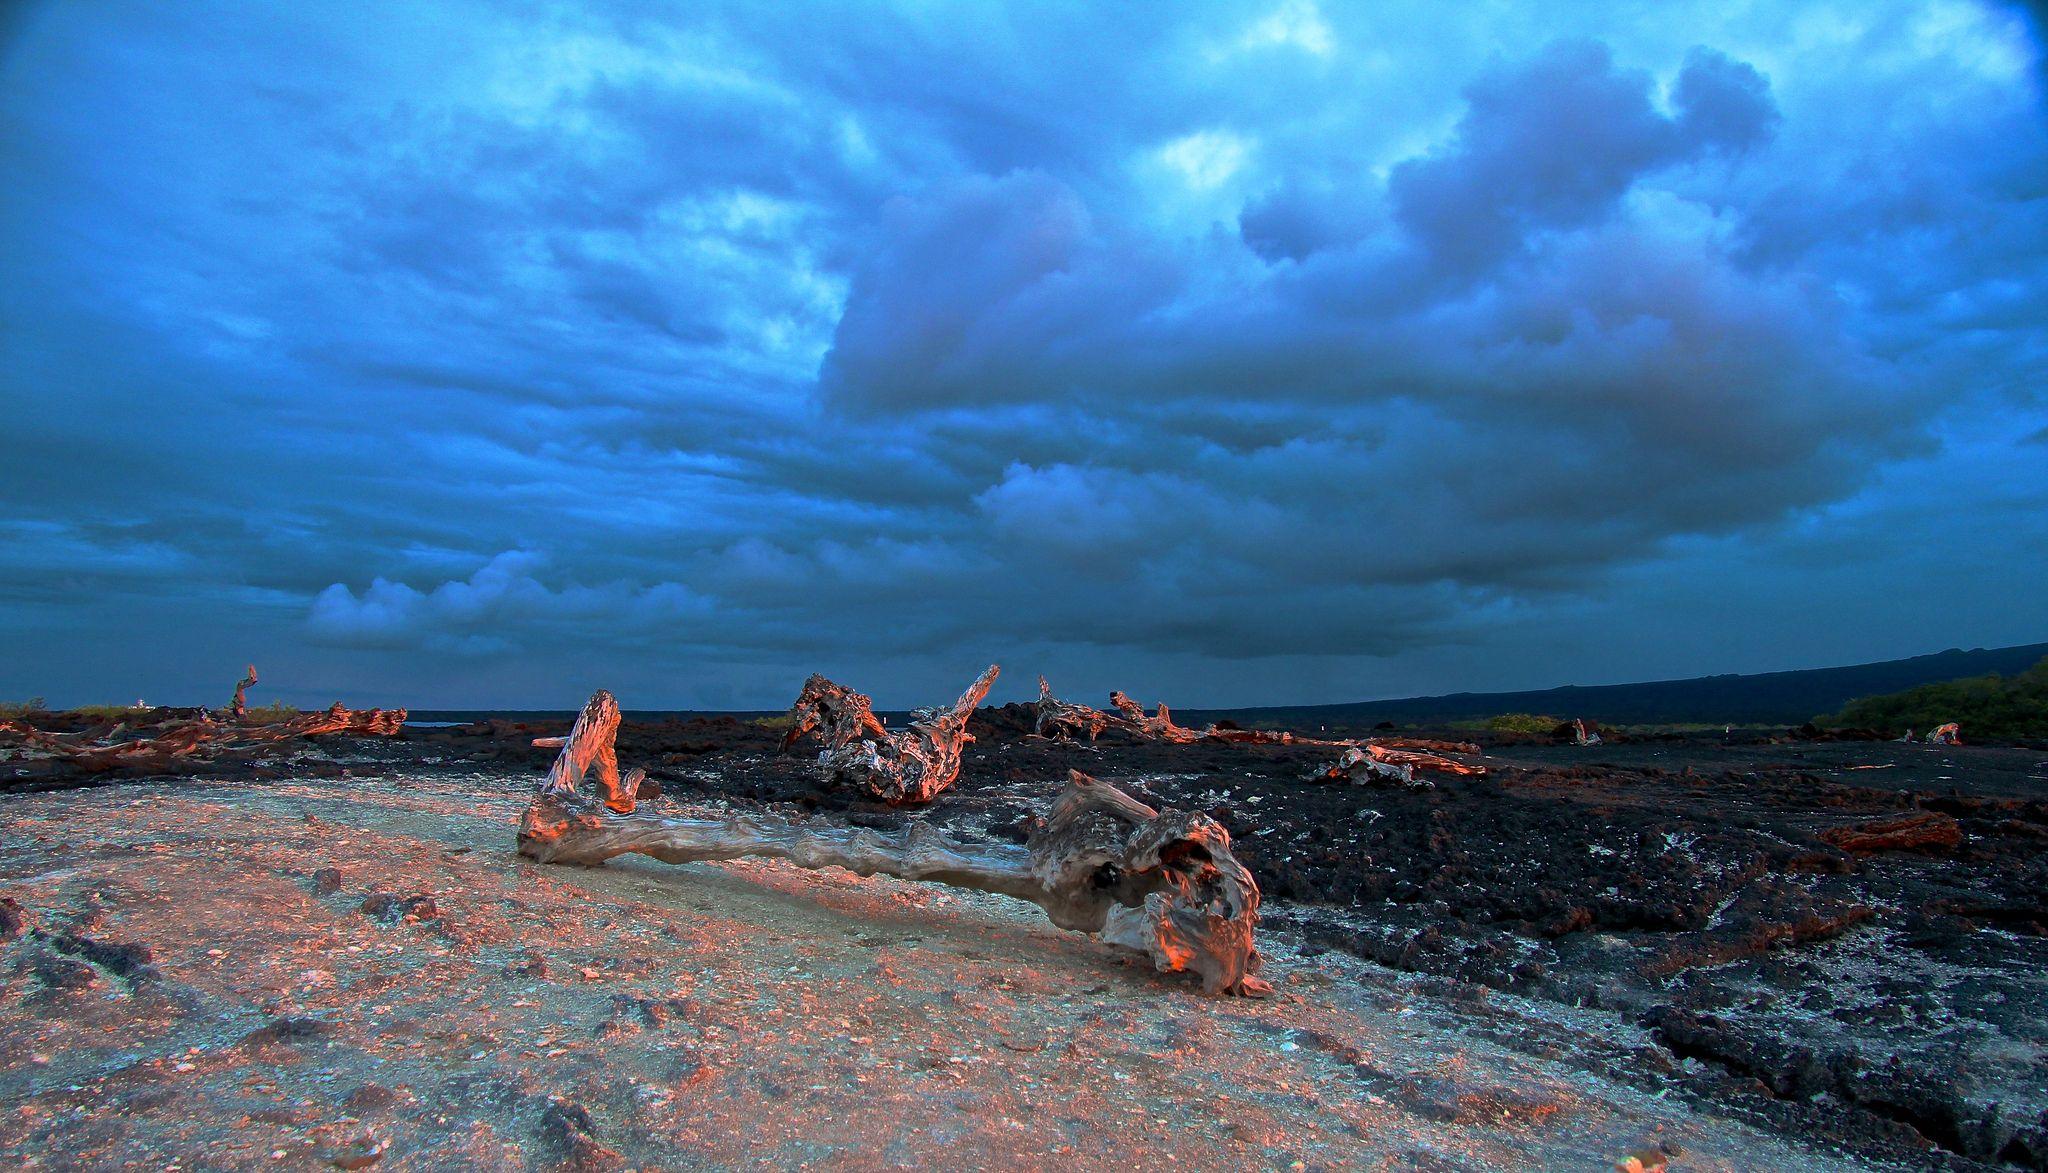 https://flic.kr/p/j5aUQP | Fernandina Island, Galapagos, Sunset | Galapagos